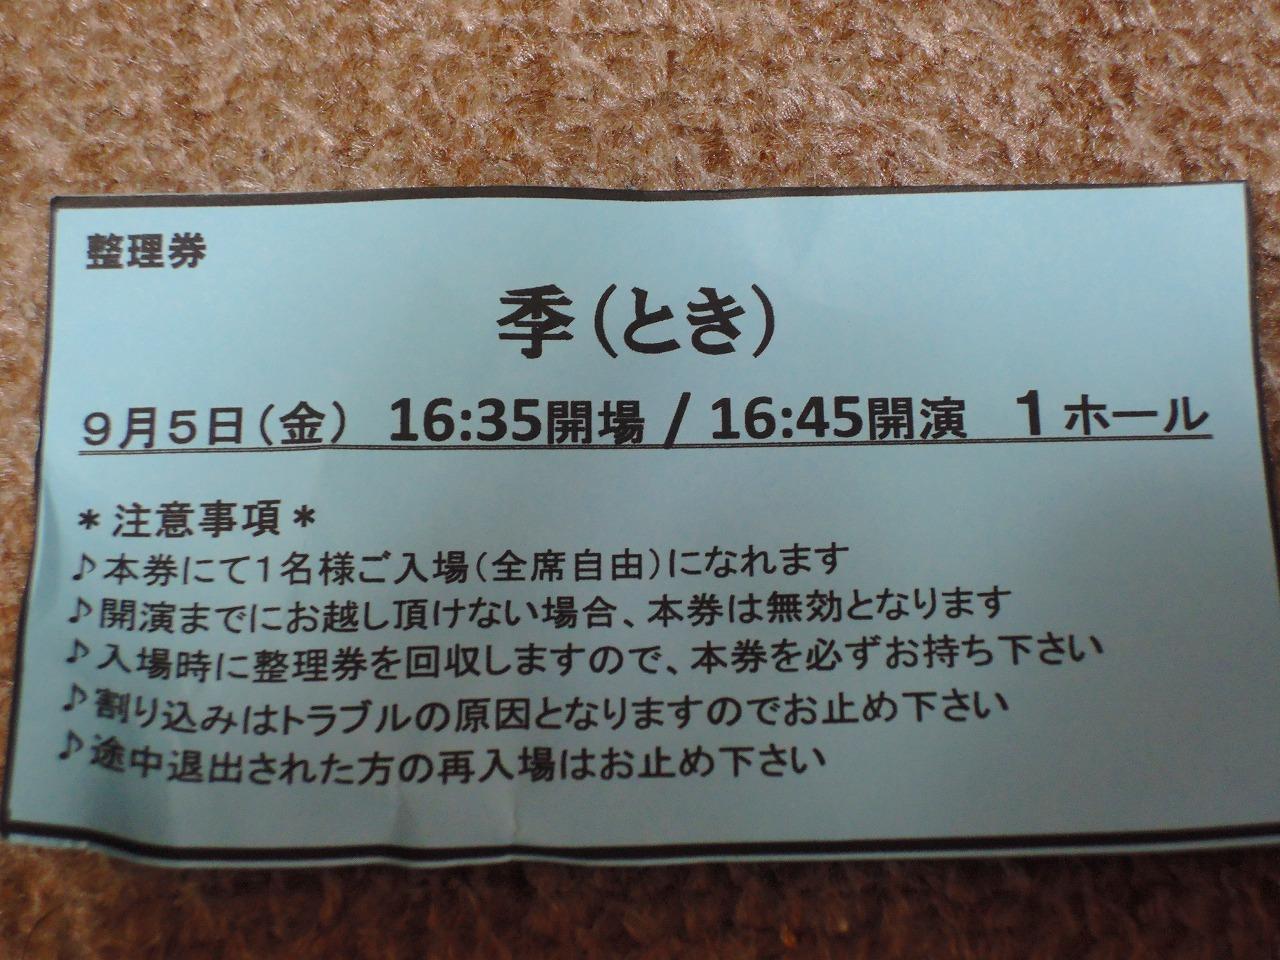 Dscn6494